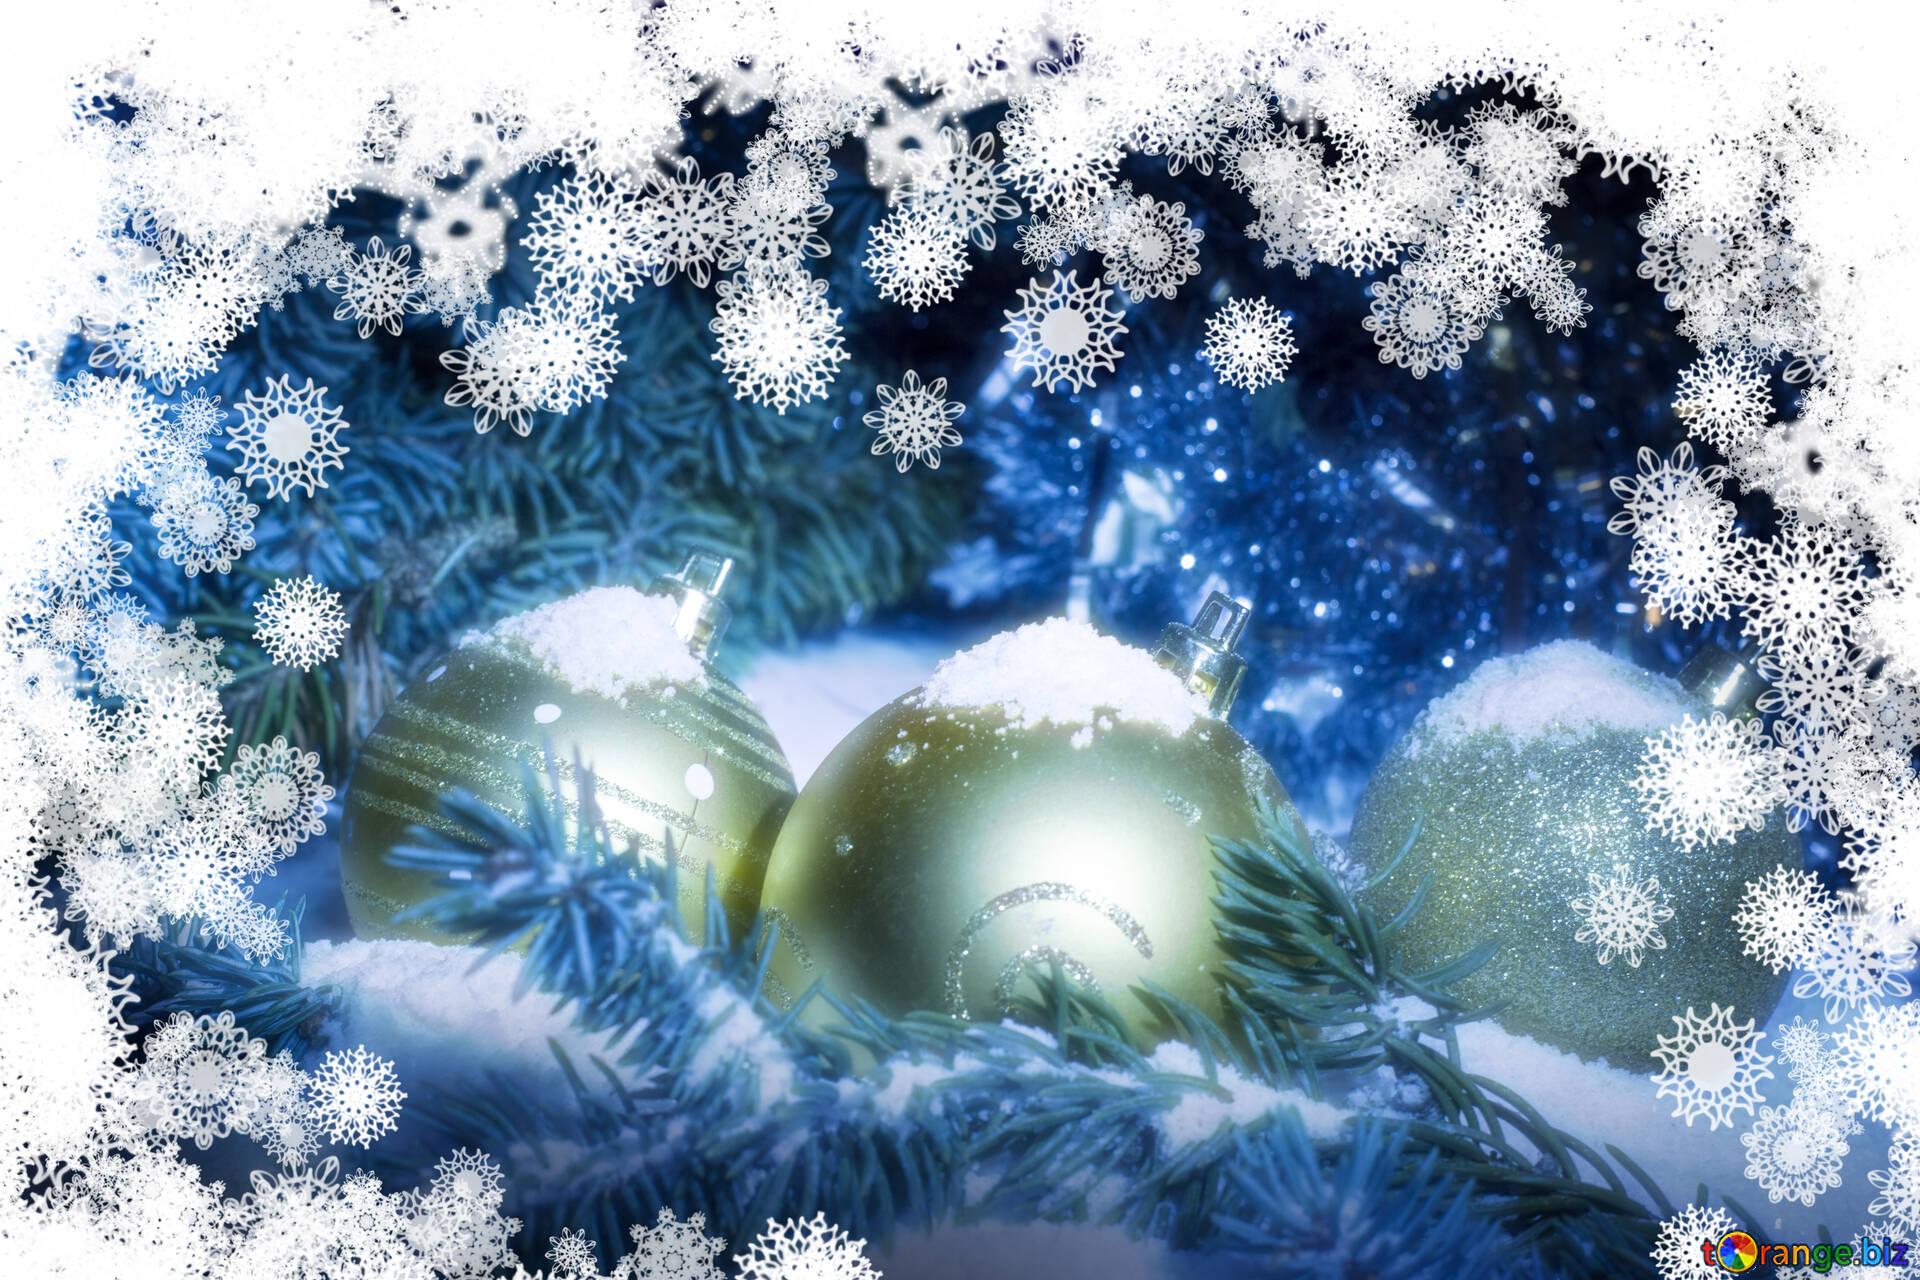 Glückwünsche Zu Weihnachten.Fröhliche Weihnachten Weihnachten Hintergrund Für Glückwünsche